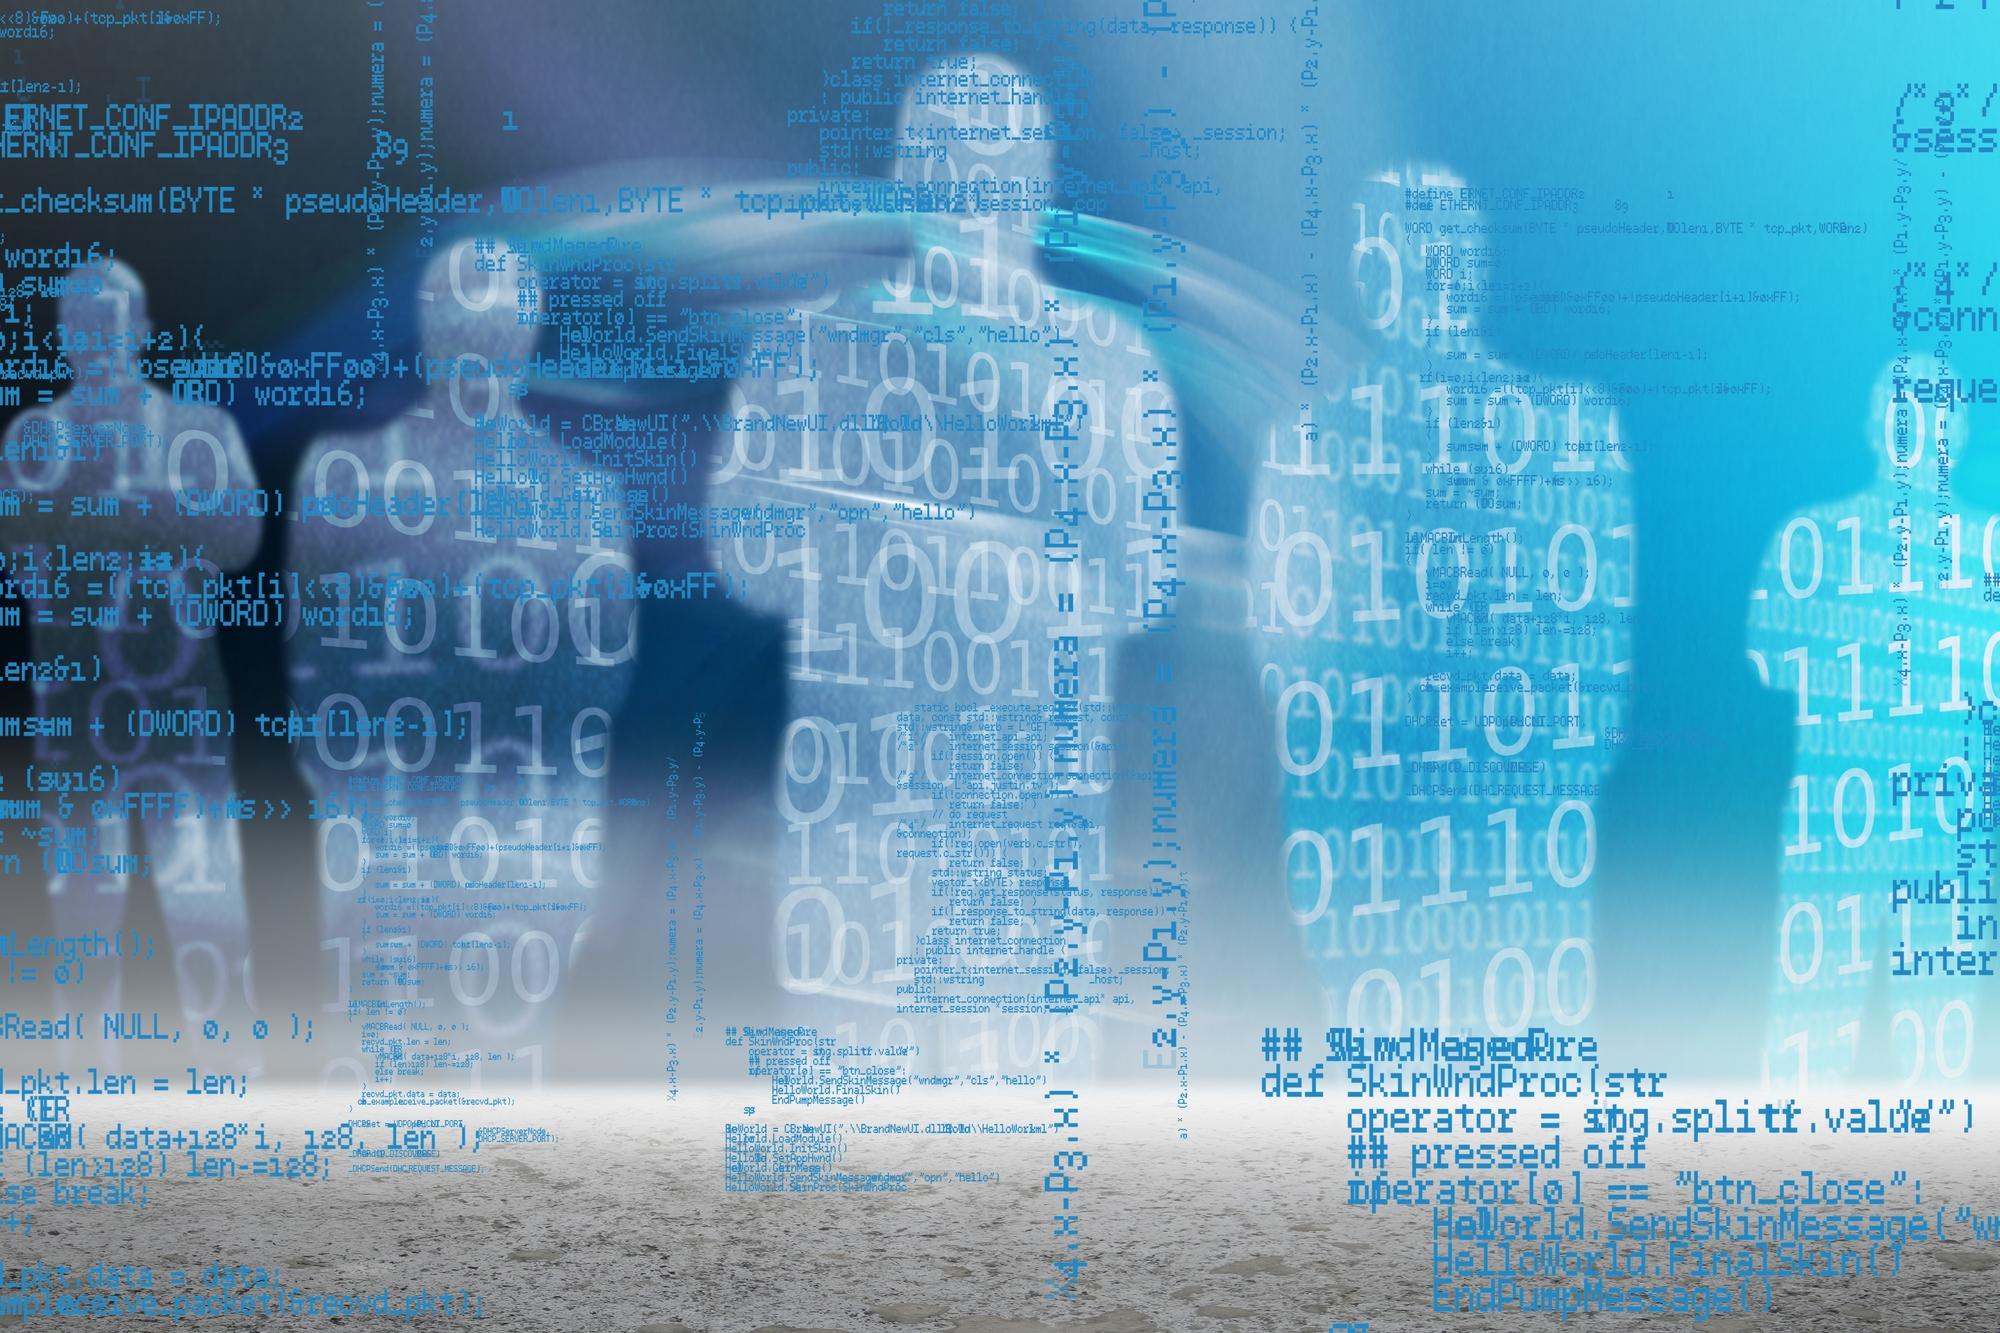 Algocrazia - Capitalismo di sorveglianza - algoritmi